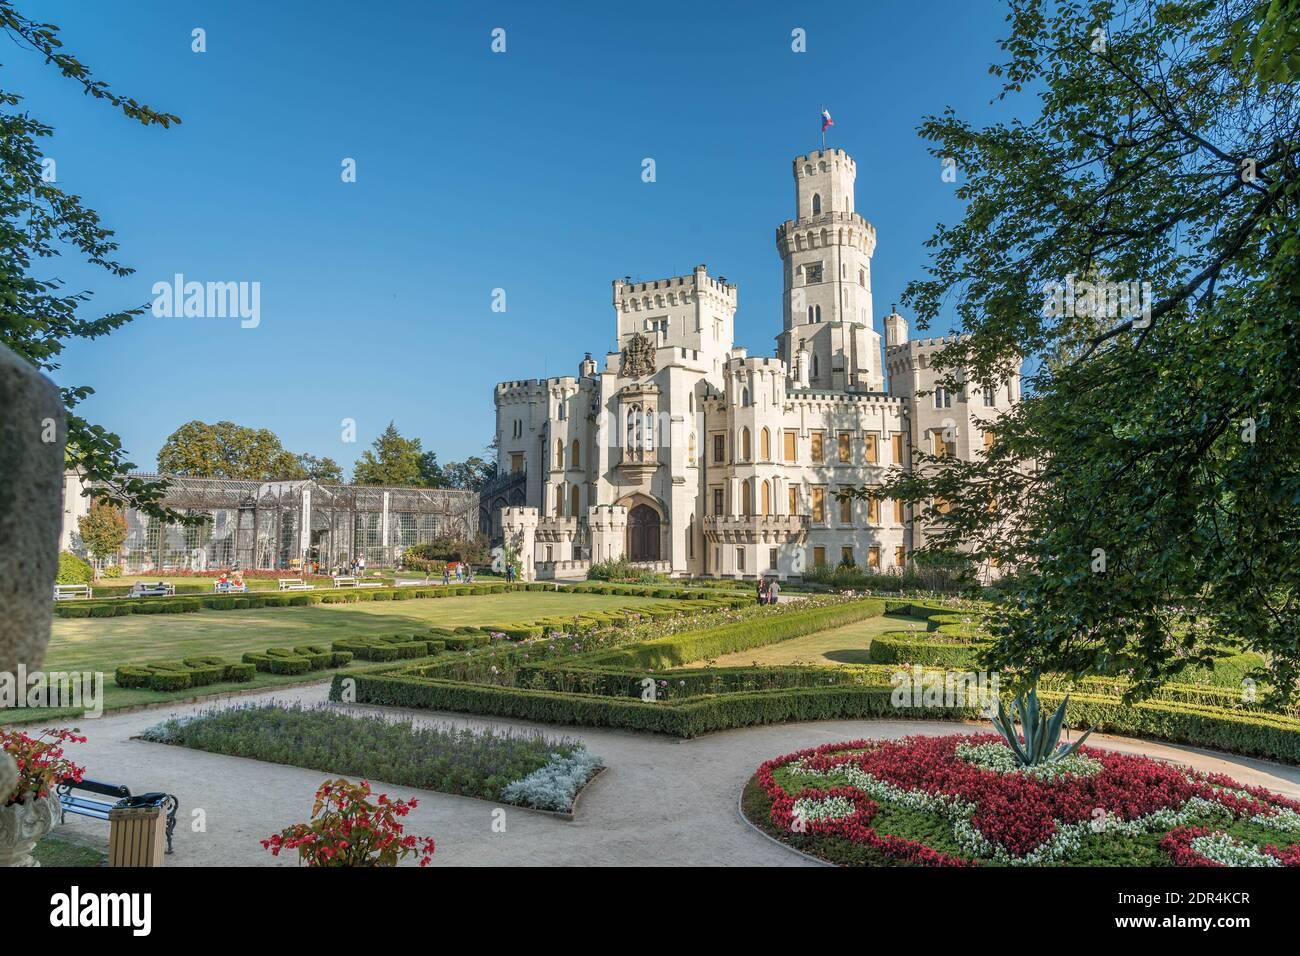 Château Hluboka, château historique de Hluboka nad Vltavou, Bohême du Sud, République tchèque, temps ensoleillé en été. Banque D'Images